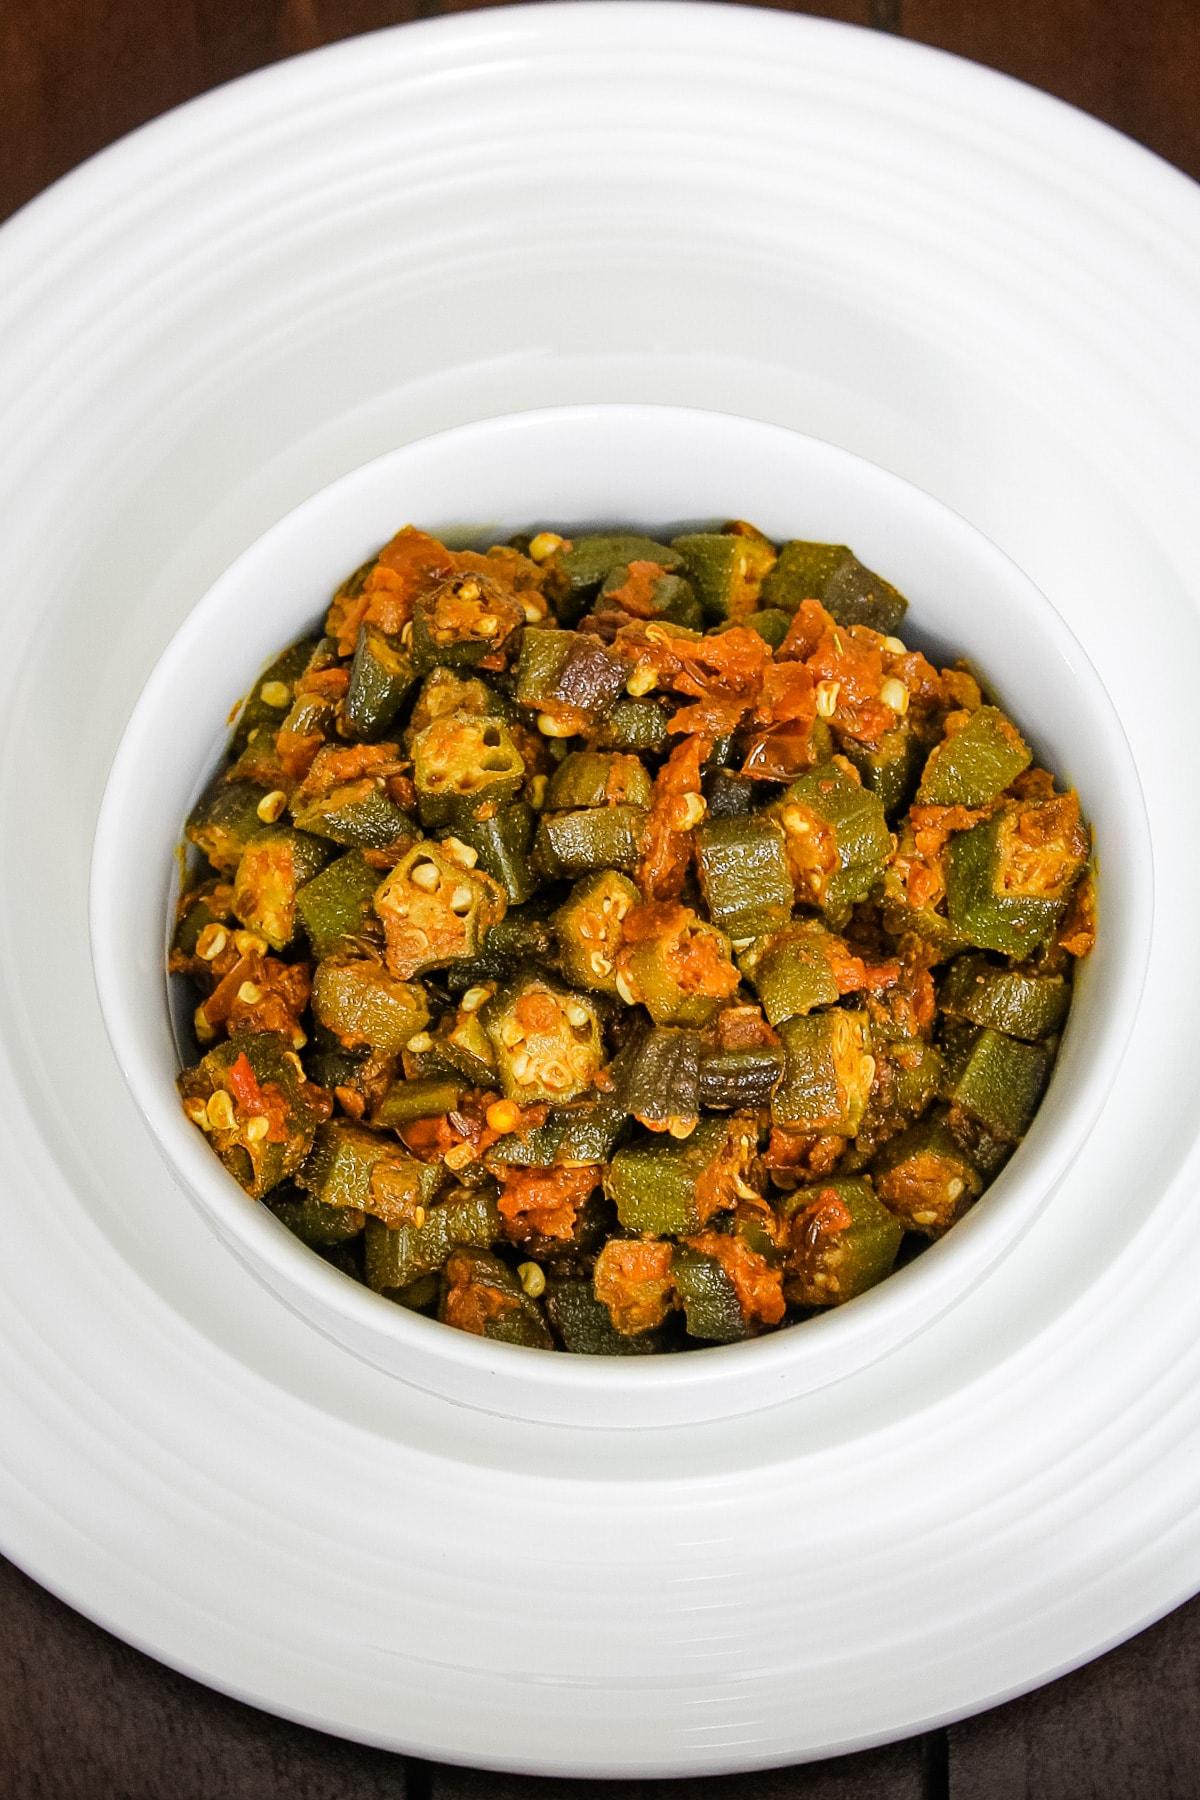 Bhendi chi bhaji served in a white bowl.